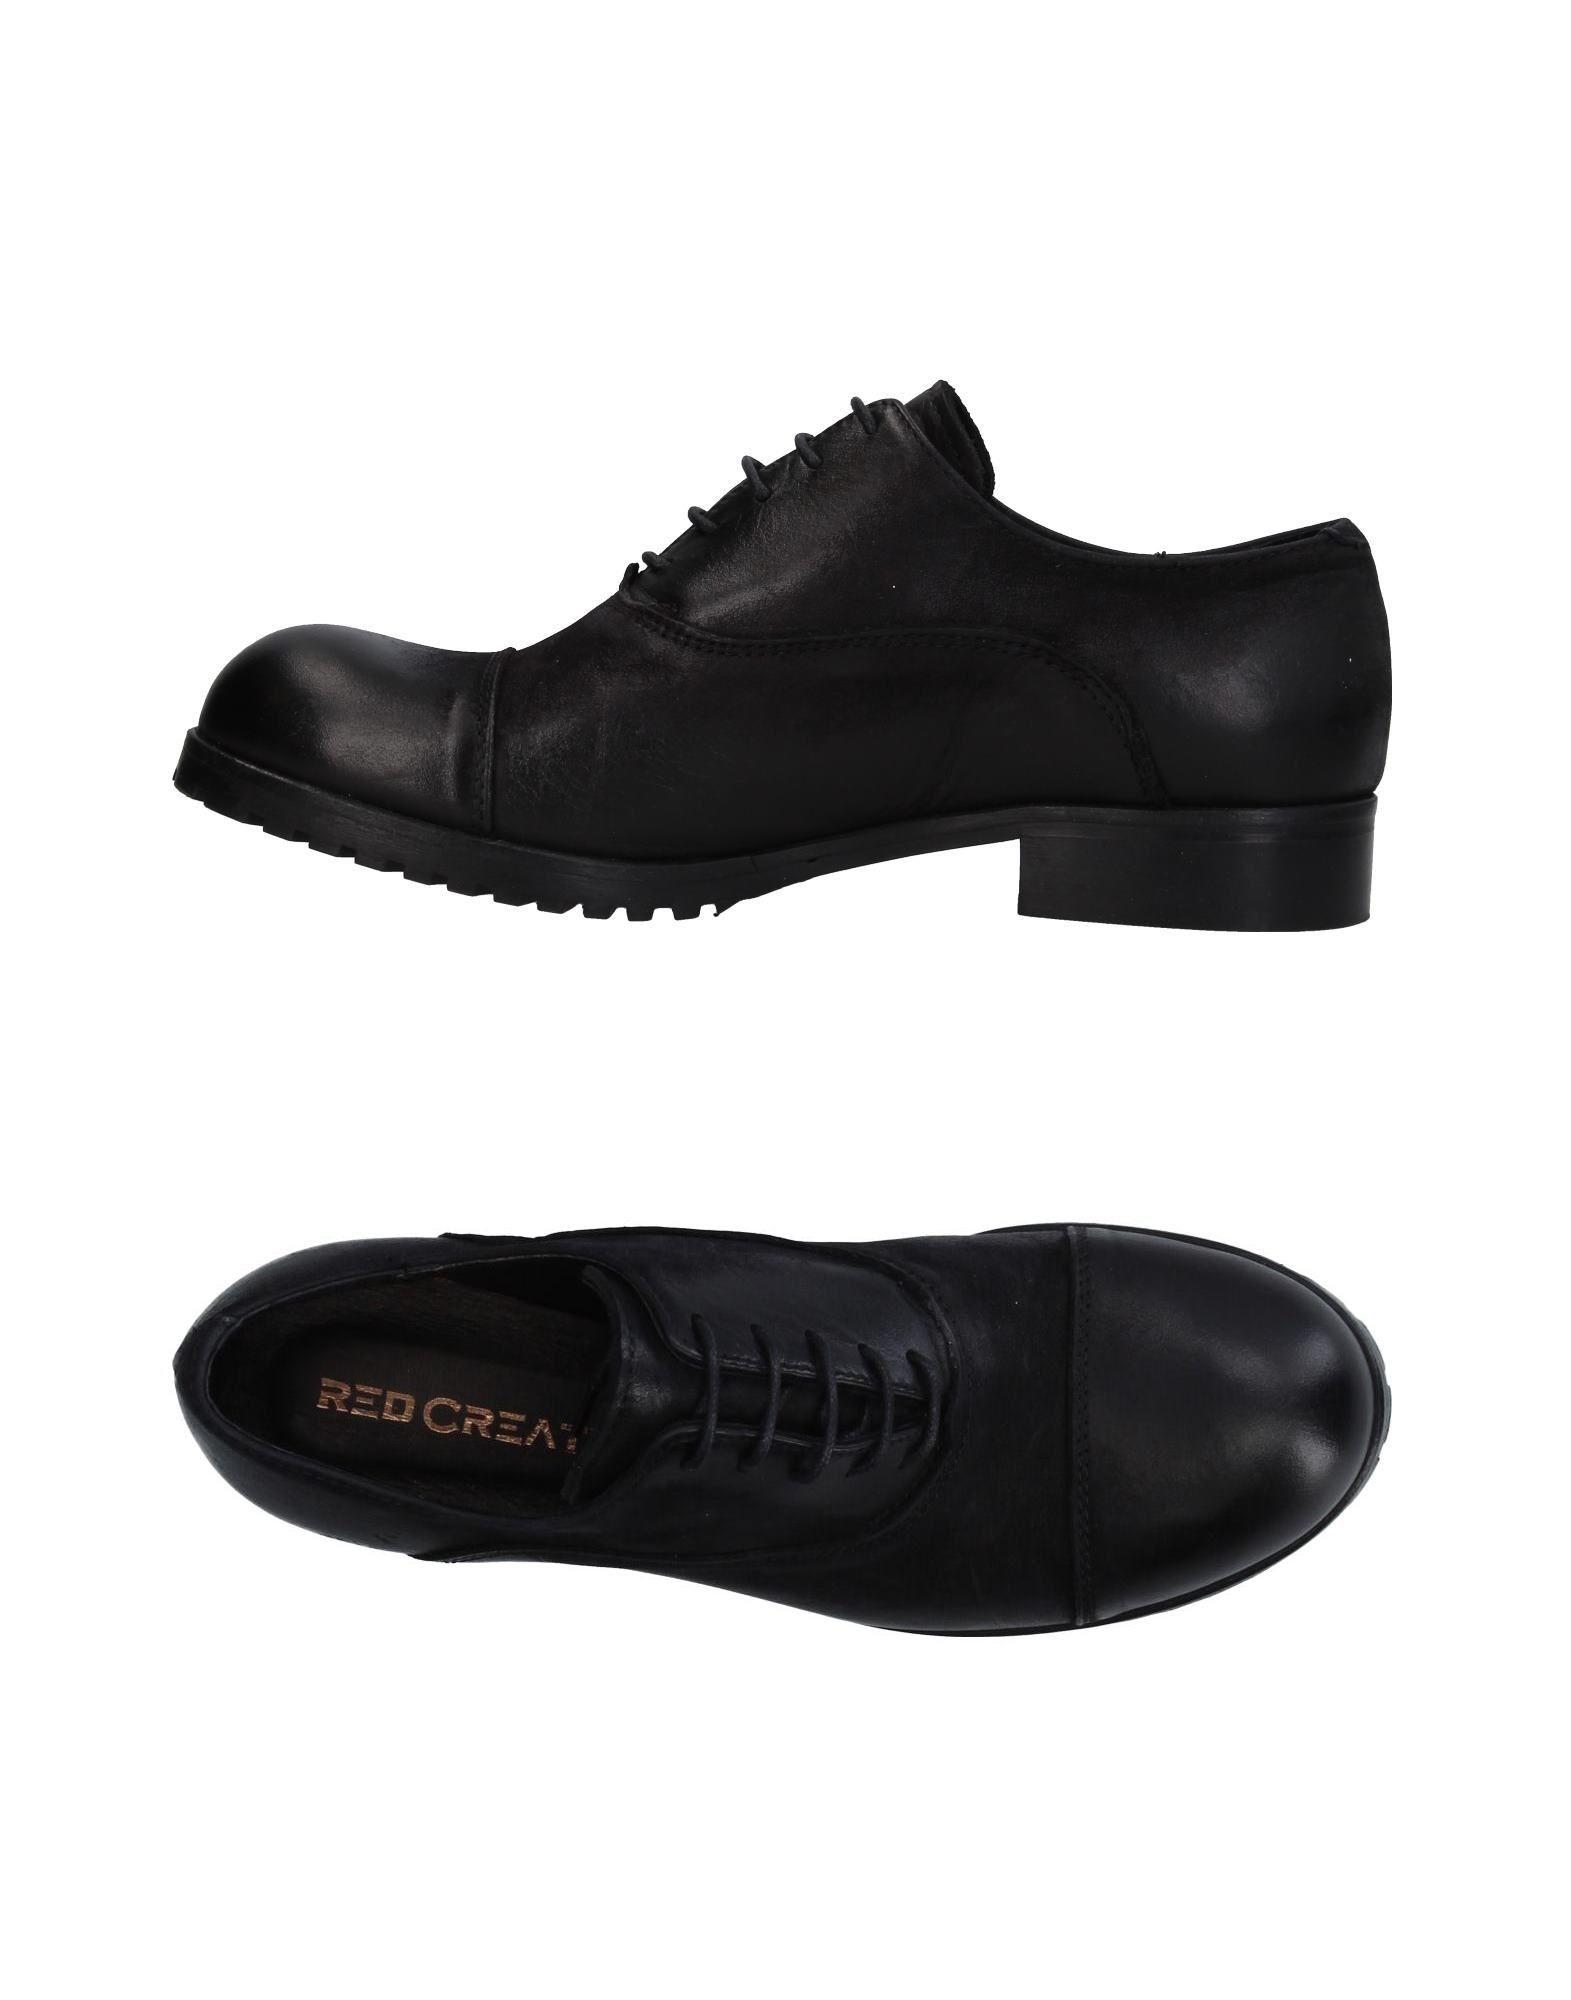 Red Creatyve Schnürschuhe Damen  11370157IB Gute Qualität beliebte Schuhe